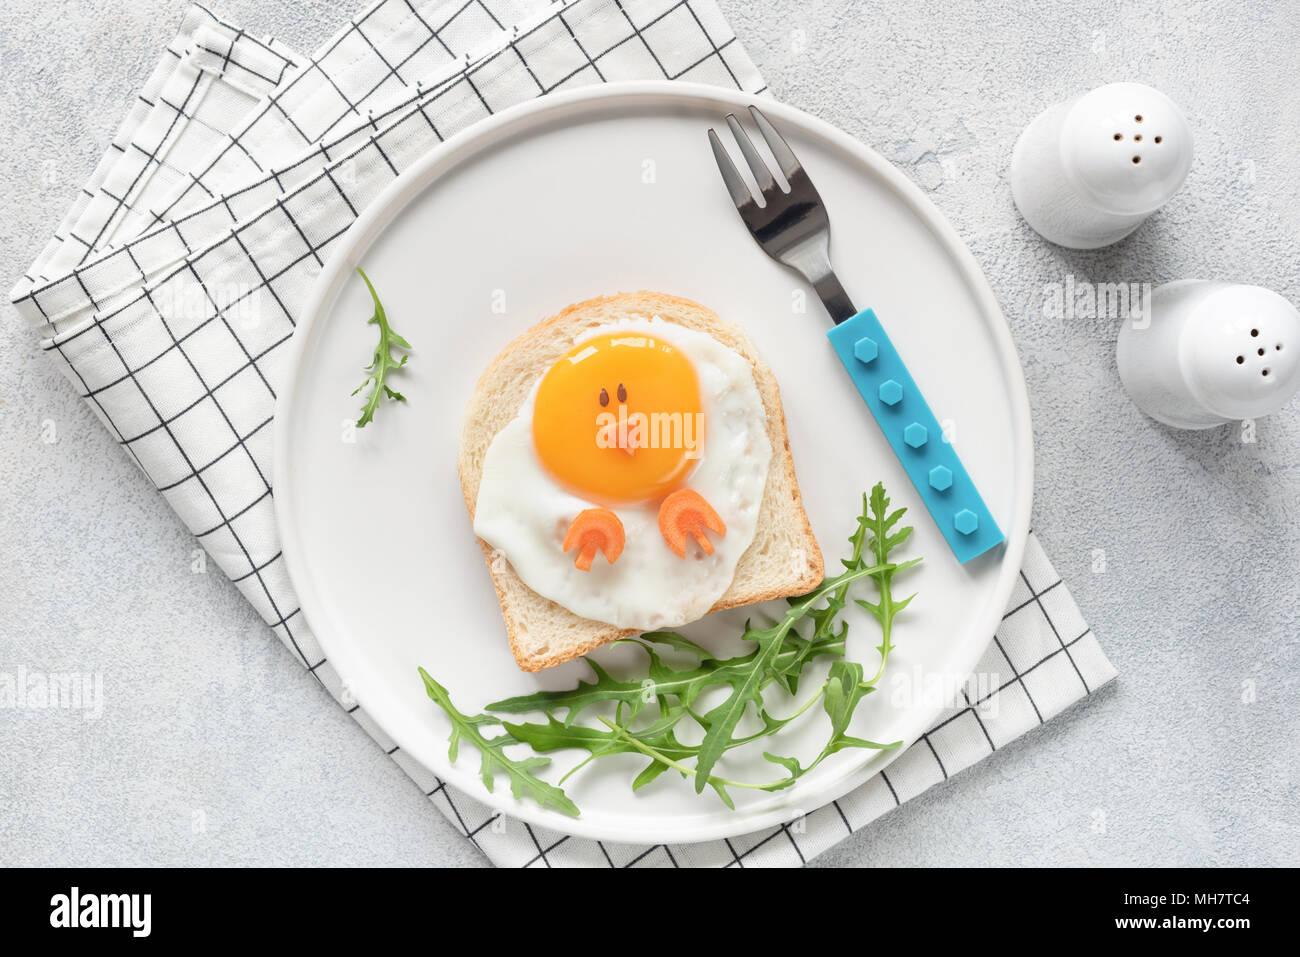 Lindo gracioso desayuno para niños. Sándwich o tostadas con forma de pollo en la placa blanca. El arte de alimentos idea. Sentar planas. Vista superior de la mesa Imagen De Stock